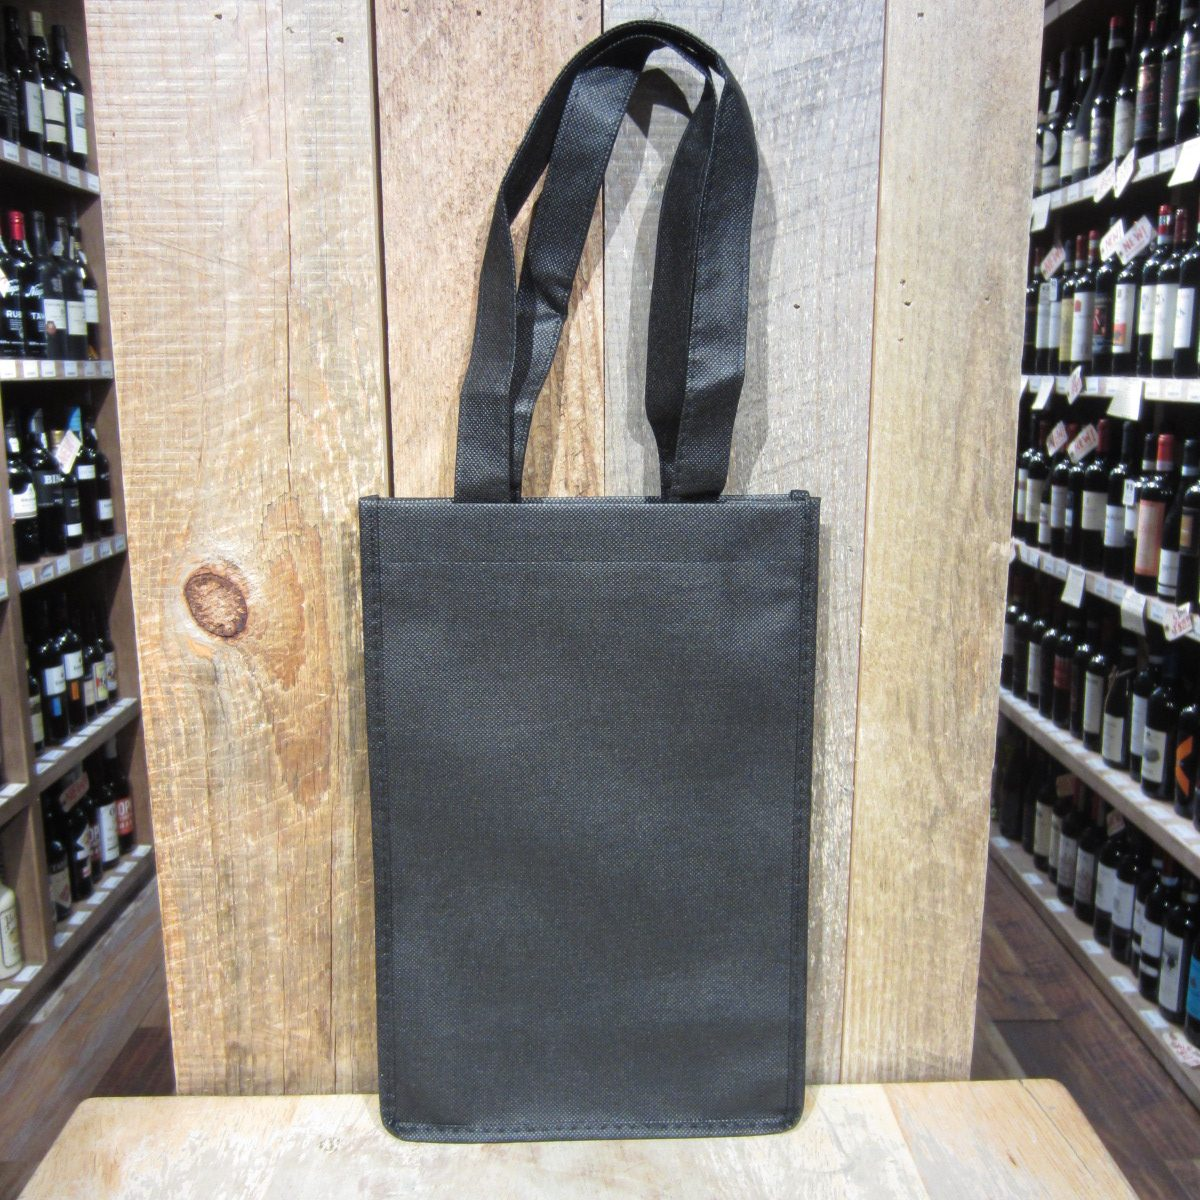 2 Bottle Black Wine Tote Bag